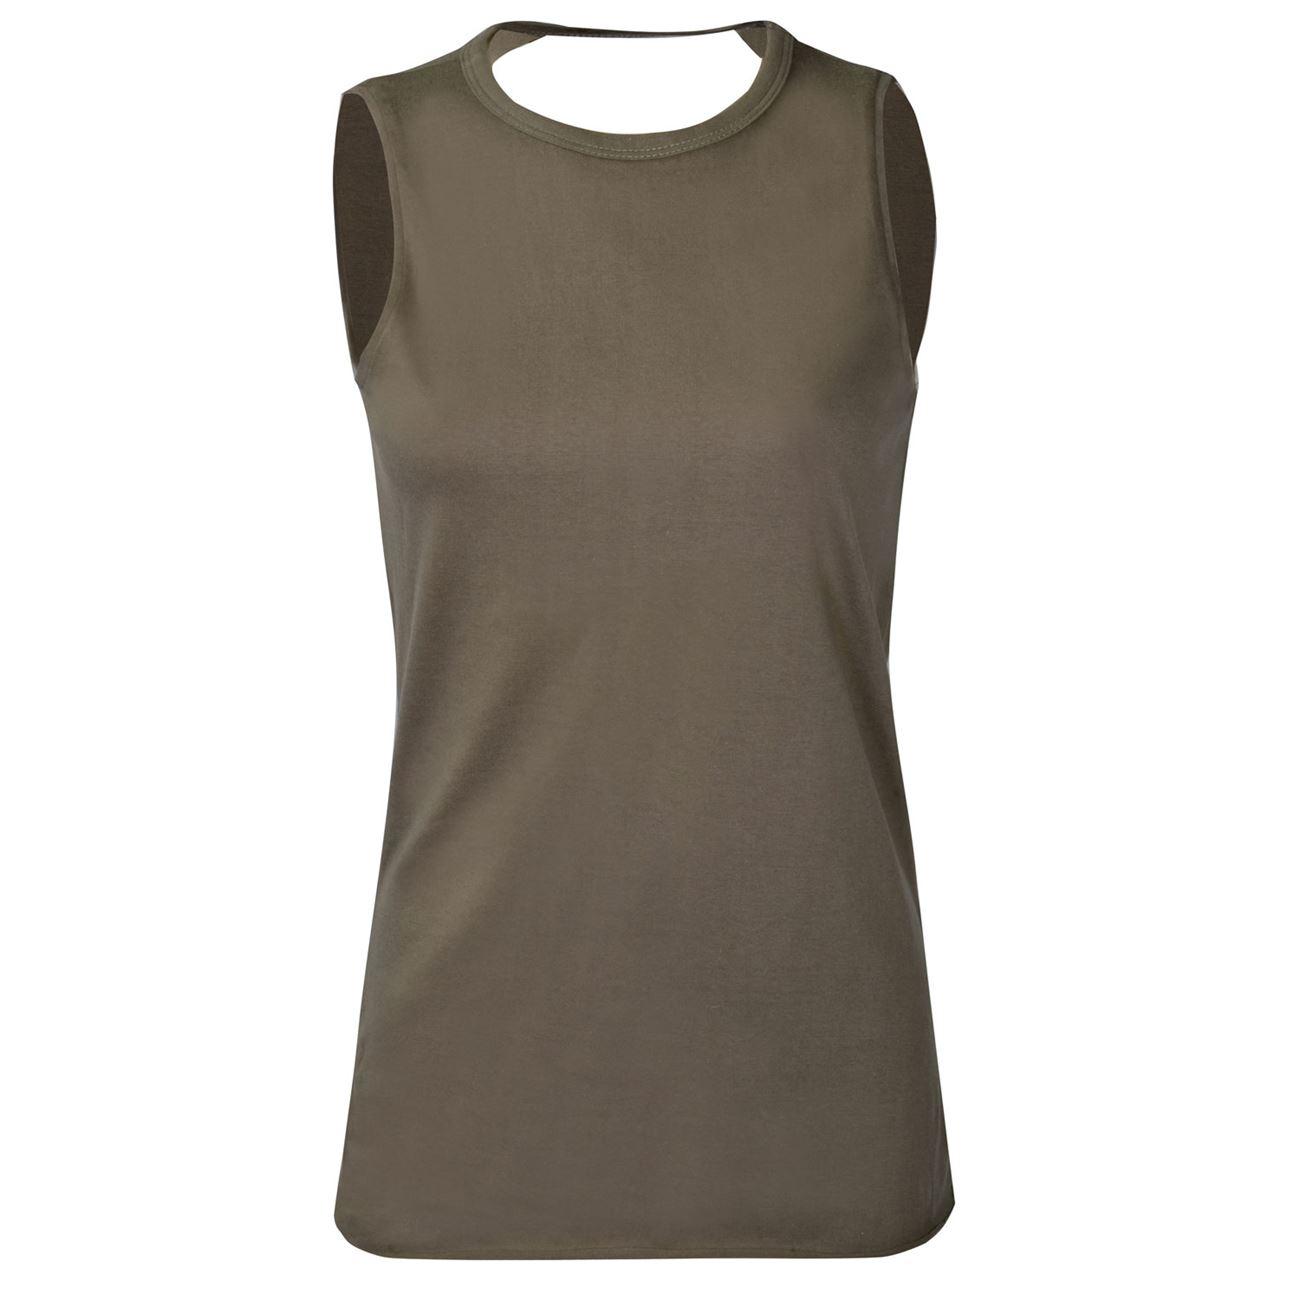 Μπλούζα Γυναικεία Αμάνικη Χακί - One Size   Χωρίς Μανίκι Basic  79ada68df4b